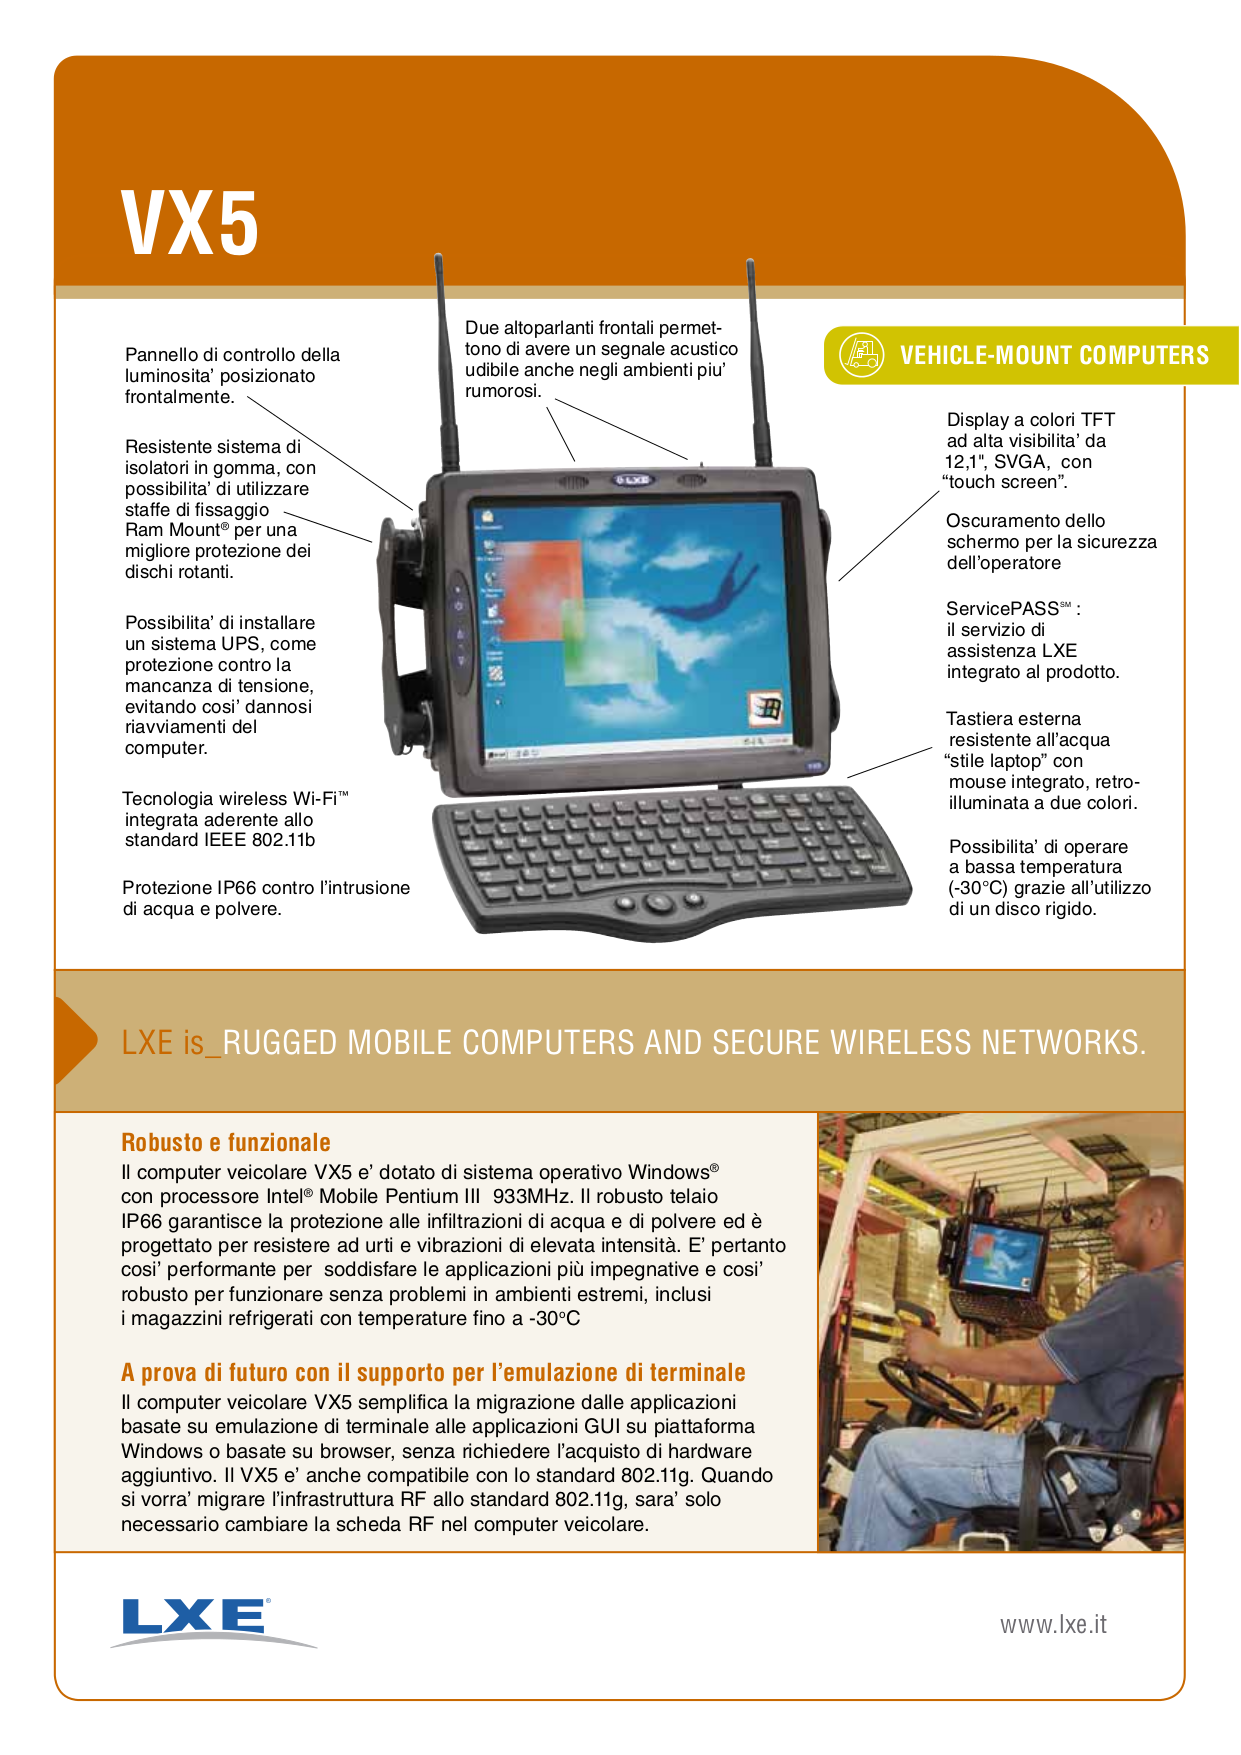 pdf for LXE Laptop VX5 manual